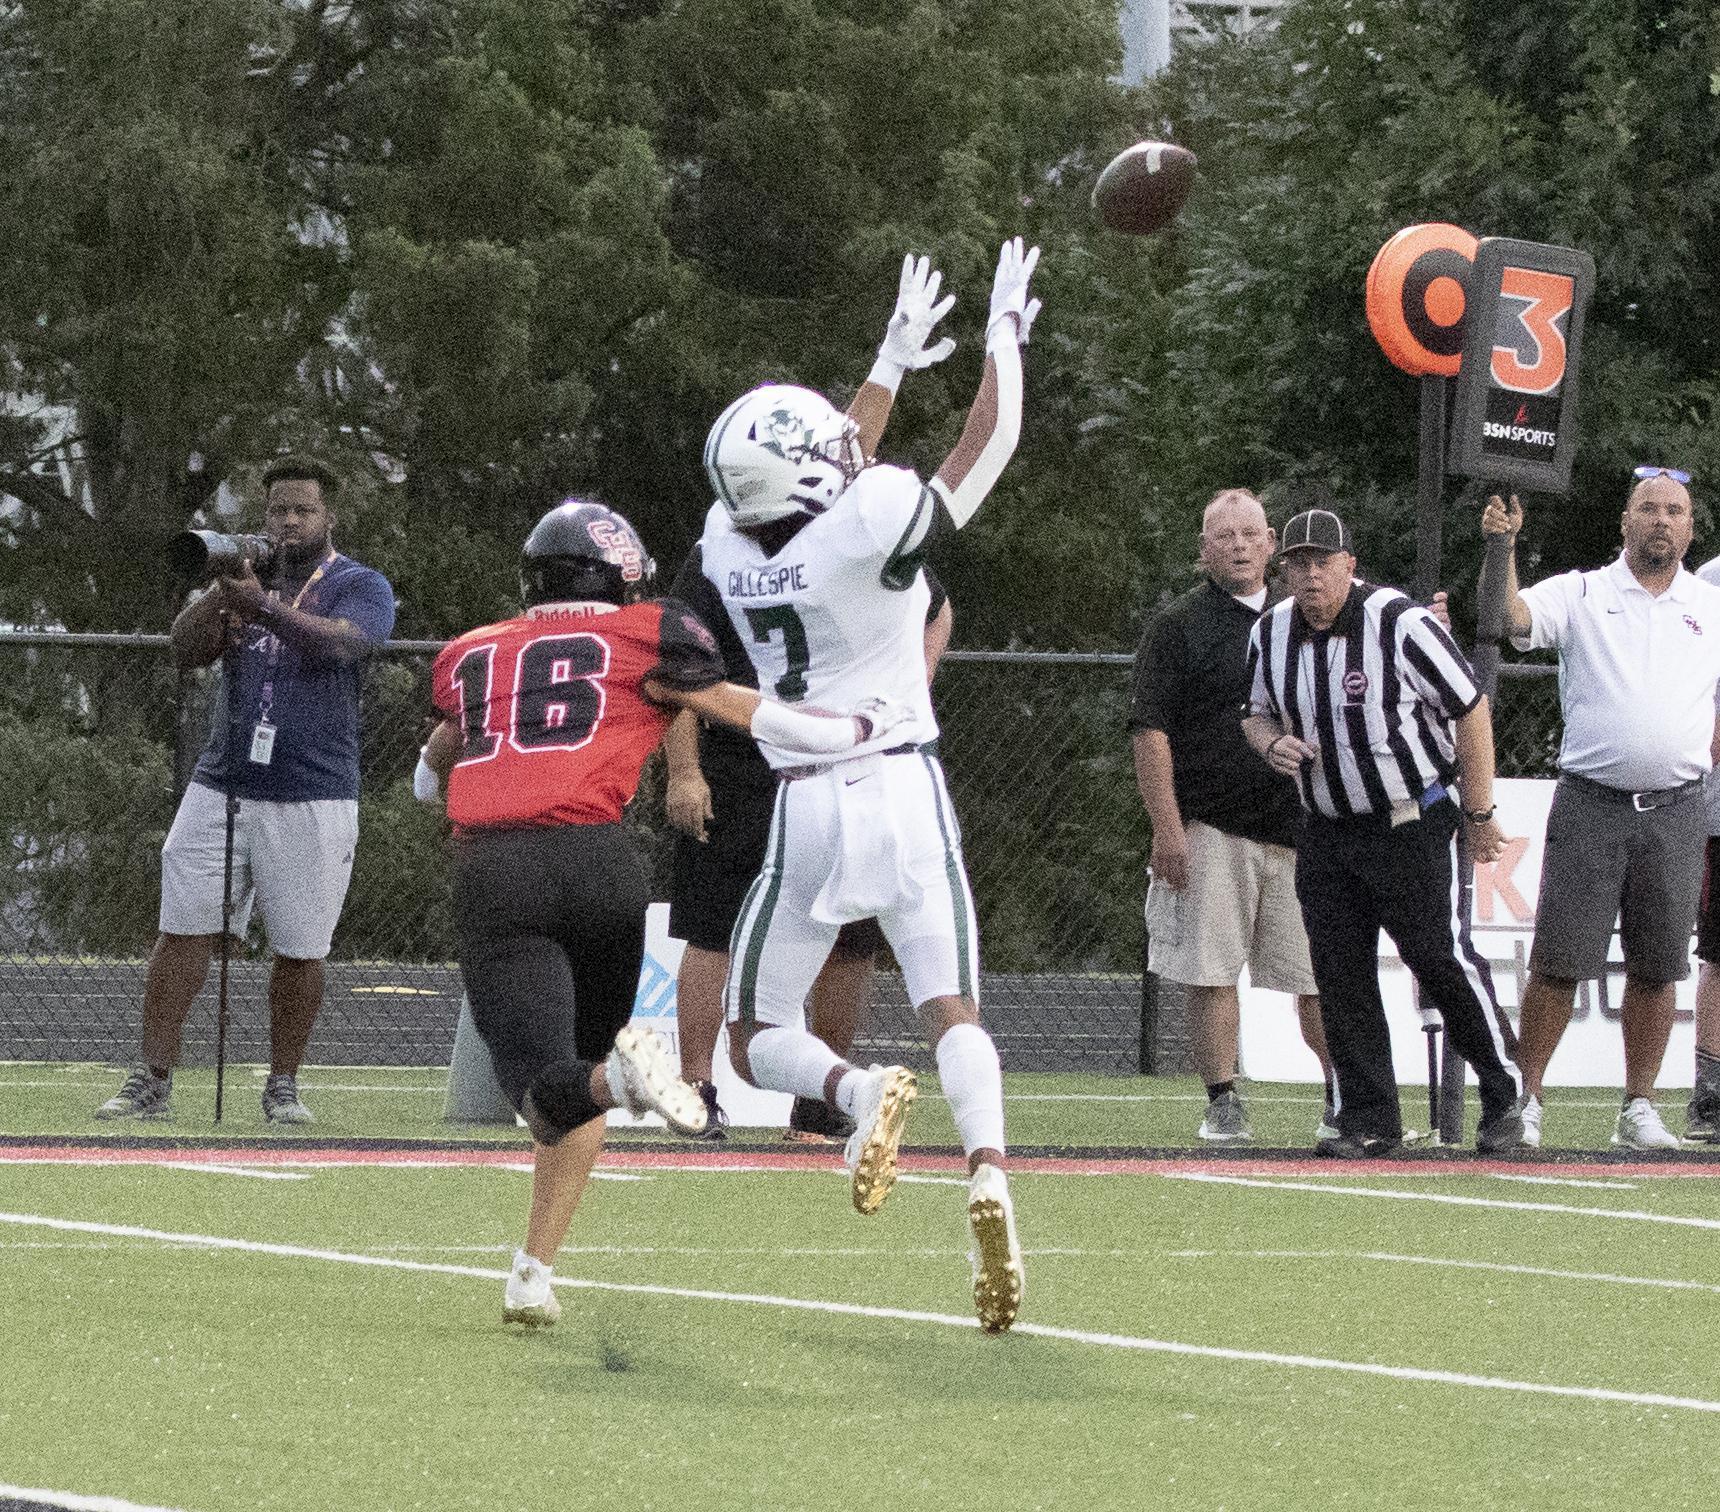 Jakobi with the catch